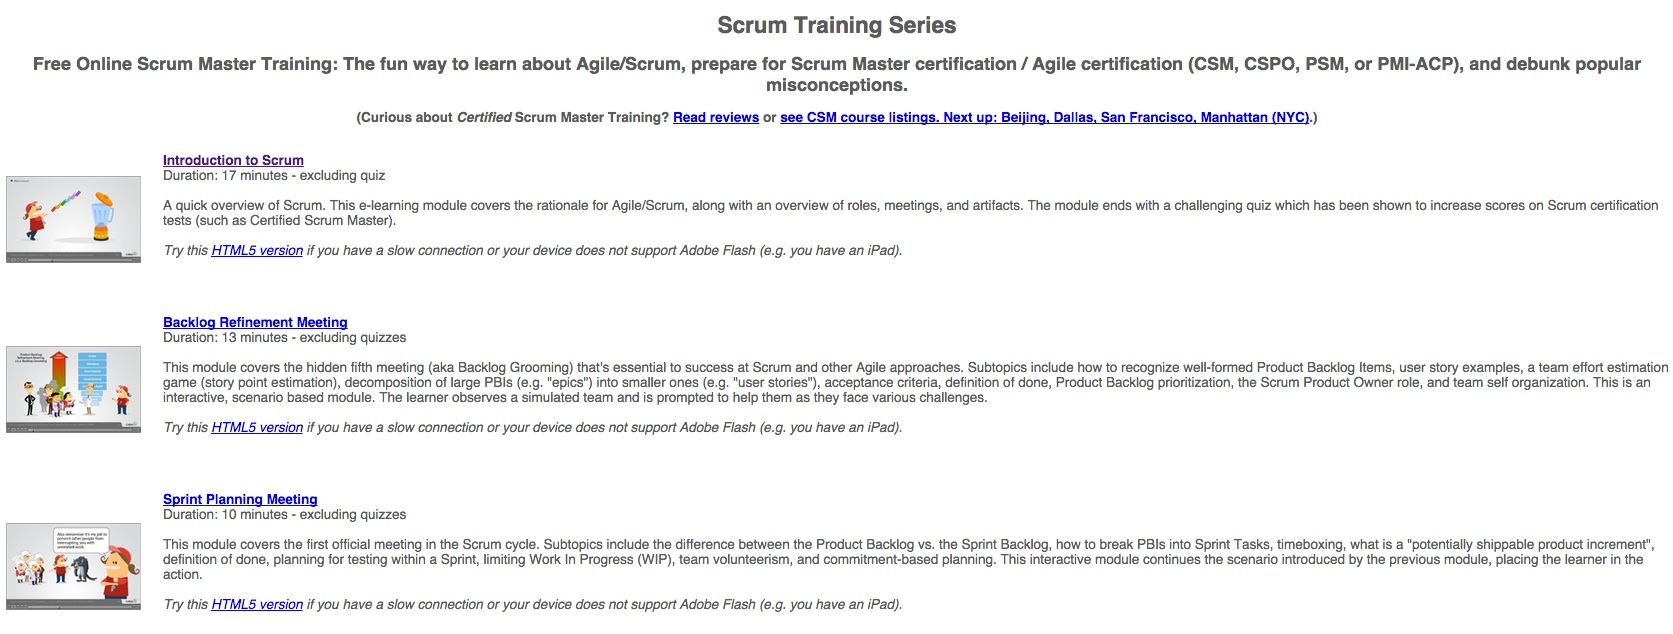 Scrum Free Online Strum Training Series Datafireball